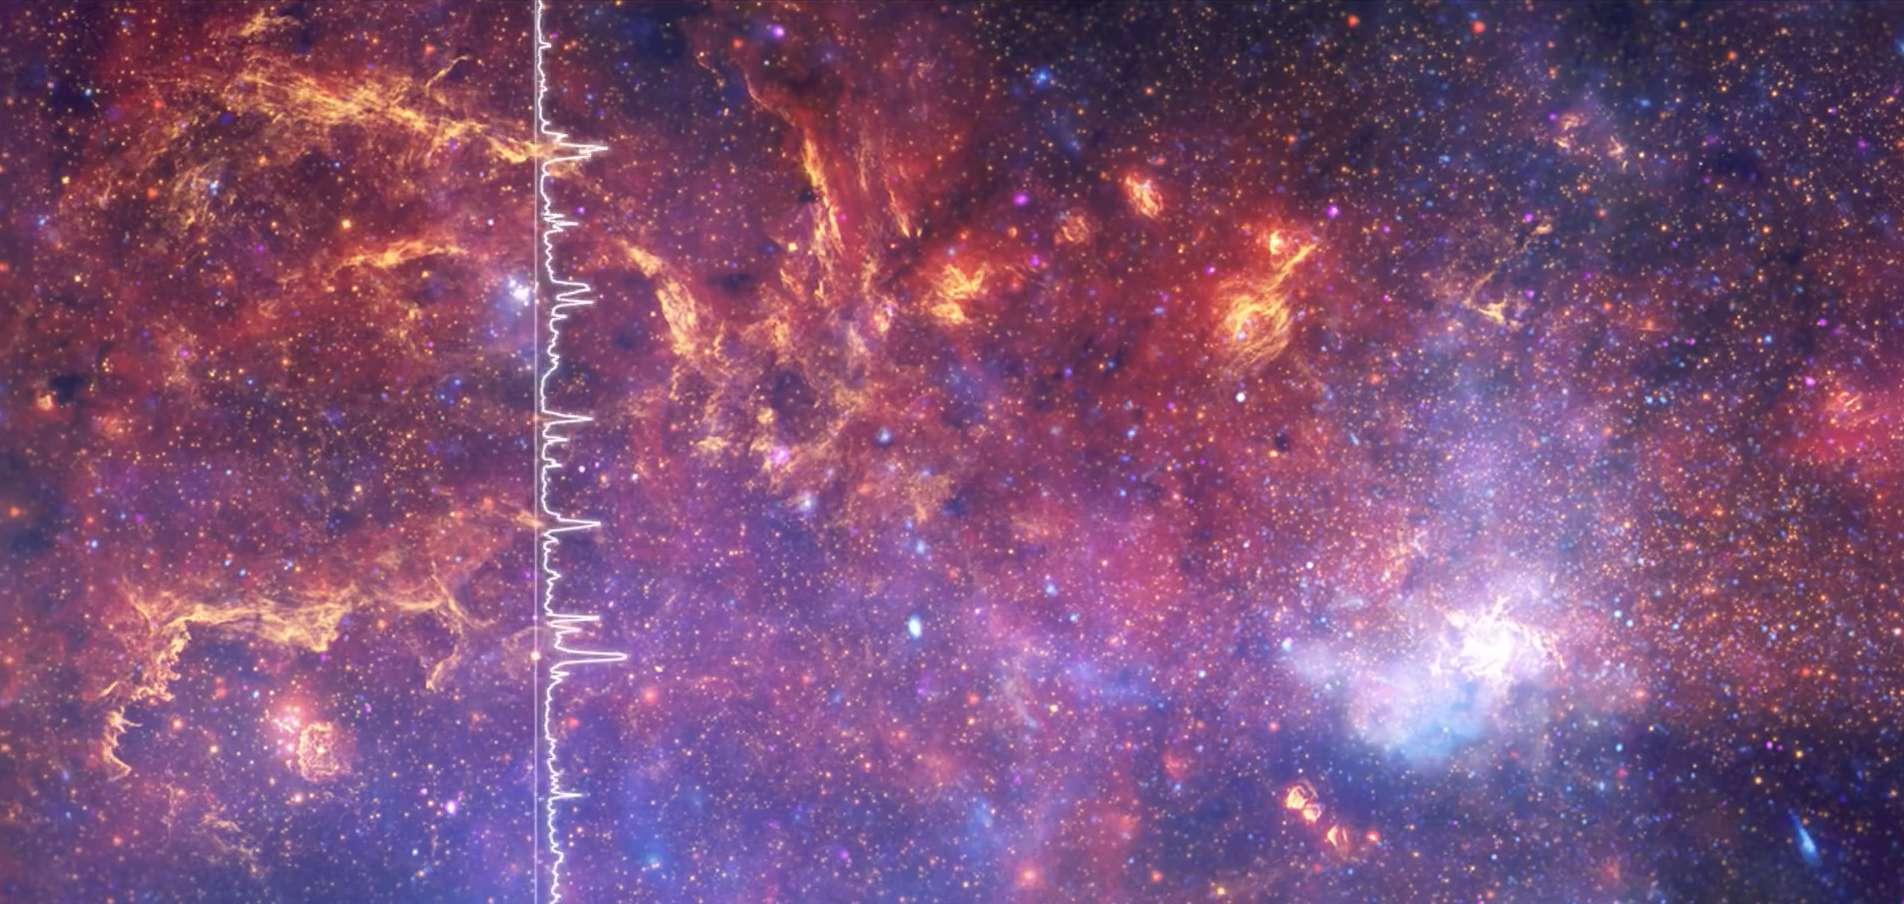 La Nasa a créé des « musiques » à partir du code numérique enregistré par des télescopes. © Nasa, CXC, SAO, STScI ; IR: Spitzer Nasa, JPL-Caltech